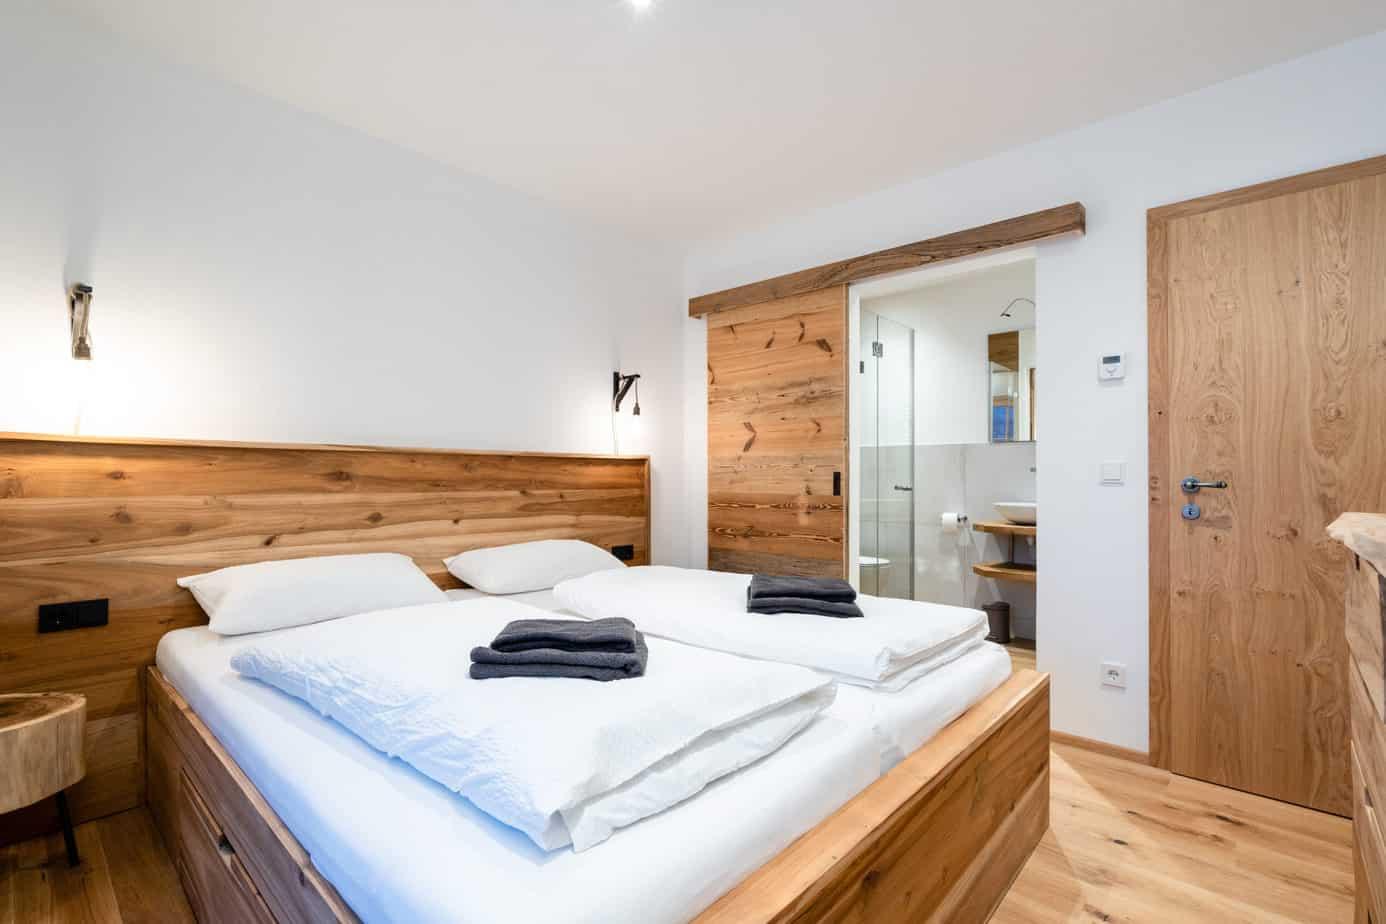 Slaapkamers in lodge in Mühlbach am Hochkönig, tot rust komen na sportieve week in Oostenrijk